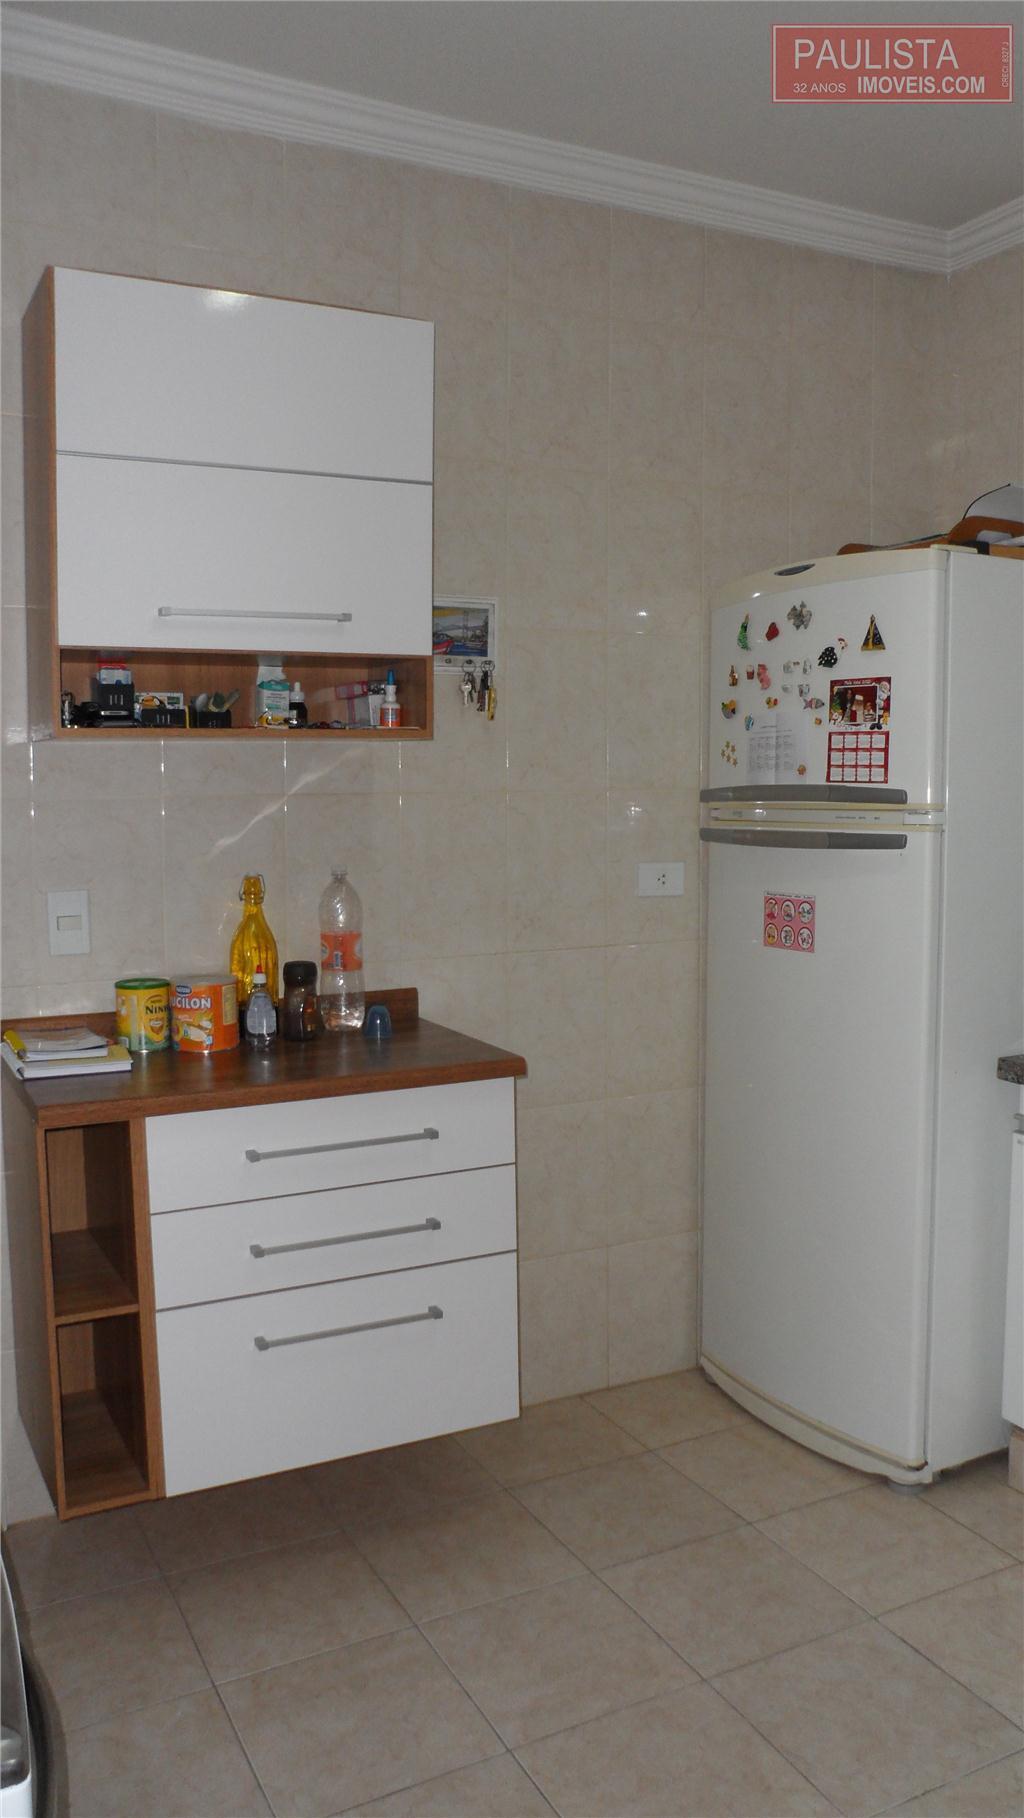 Casa 3 Dorm, Morumbi, São Paulo (SO0801) - Foto 10